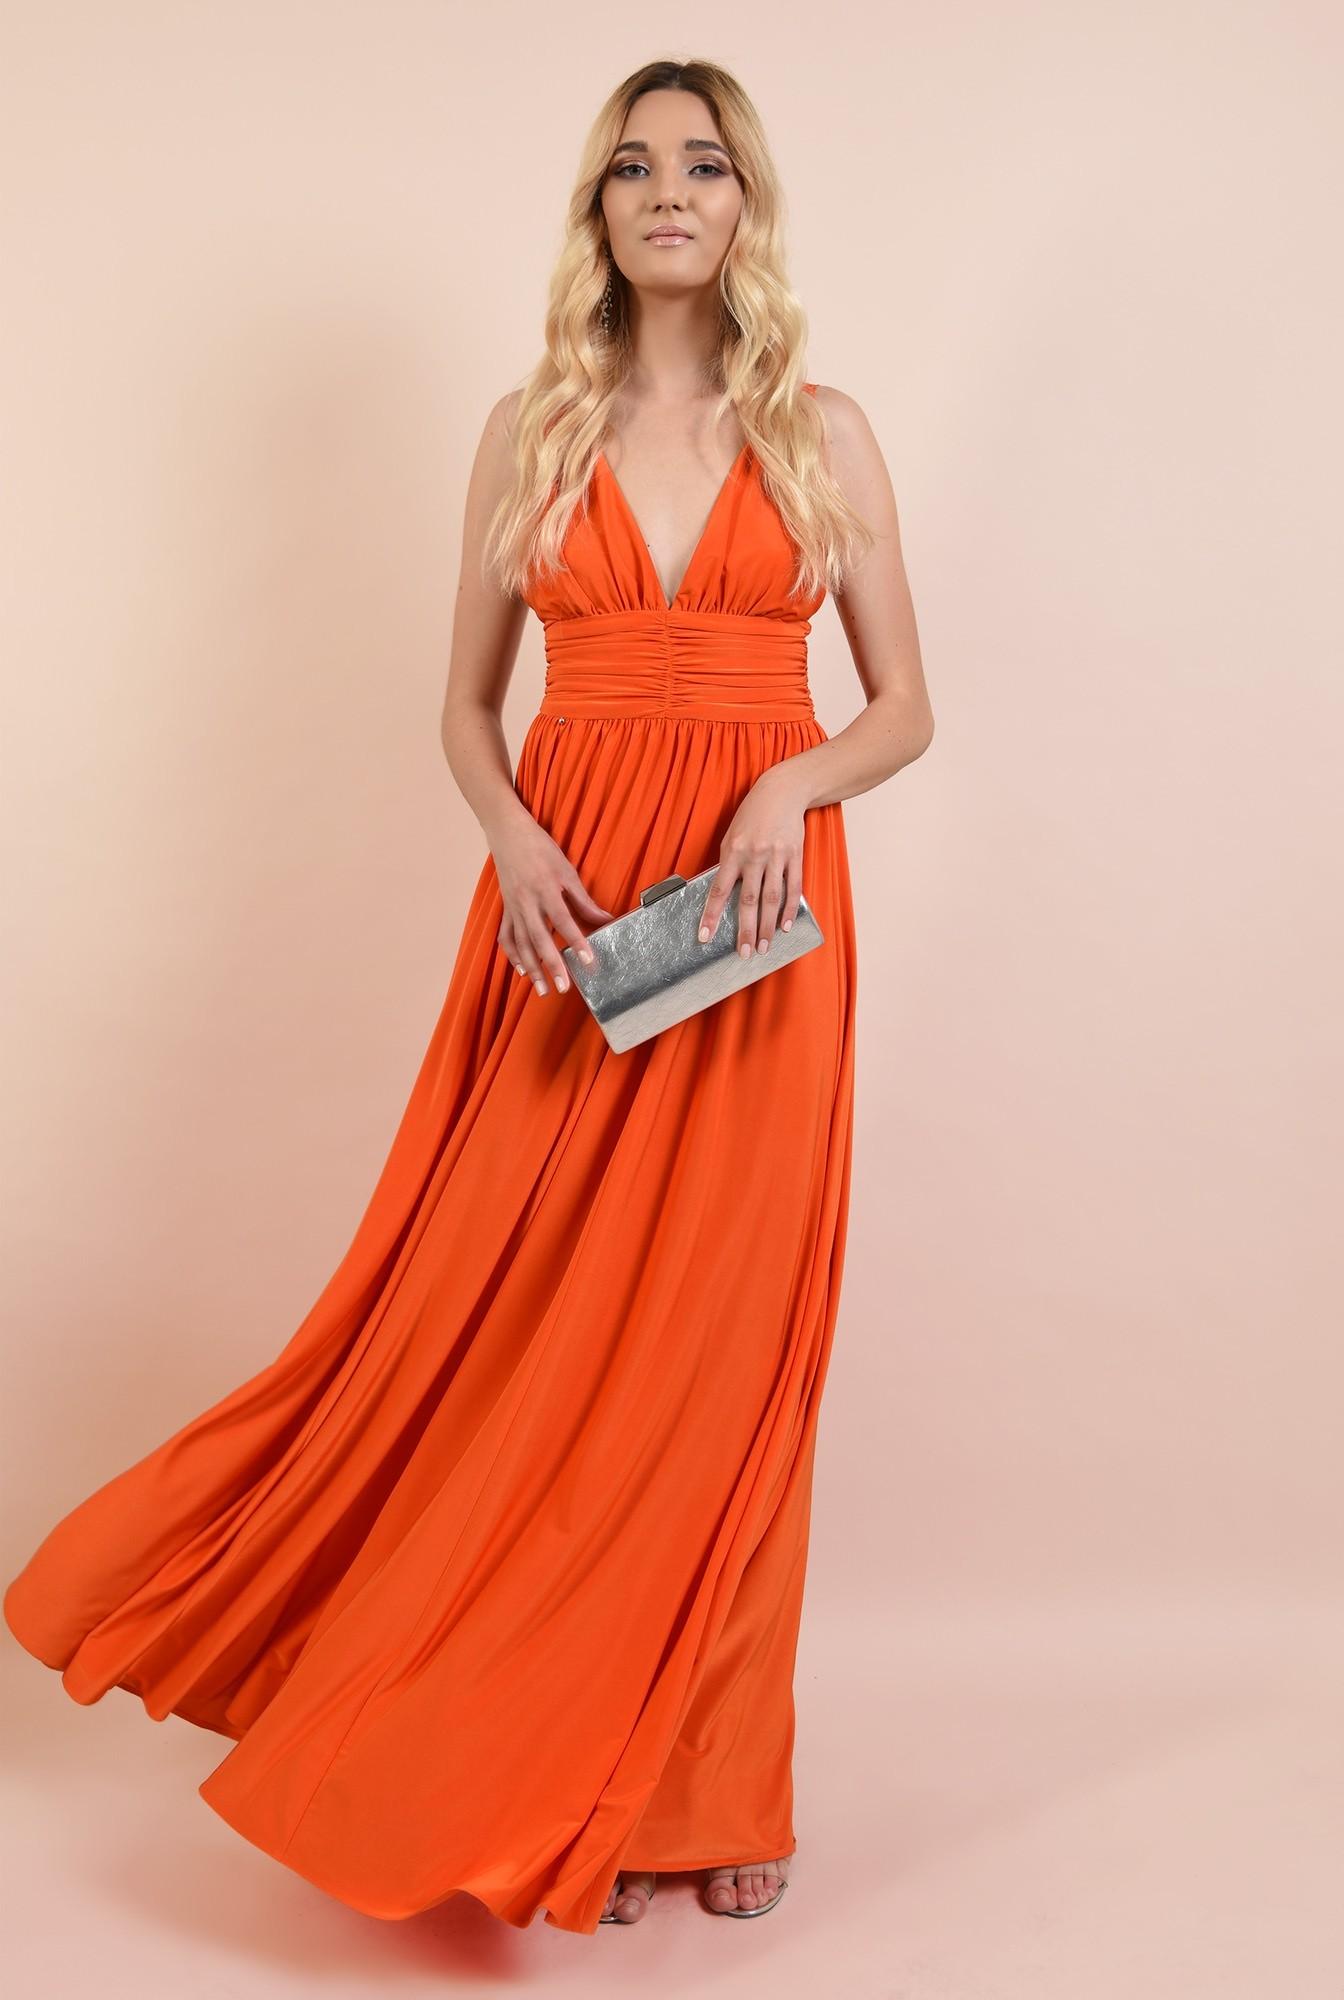 3 - rochie eleganta, cu decolteu adanc, spate dezgolit, bretele, clos, corai